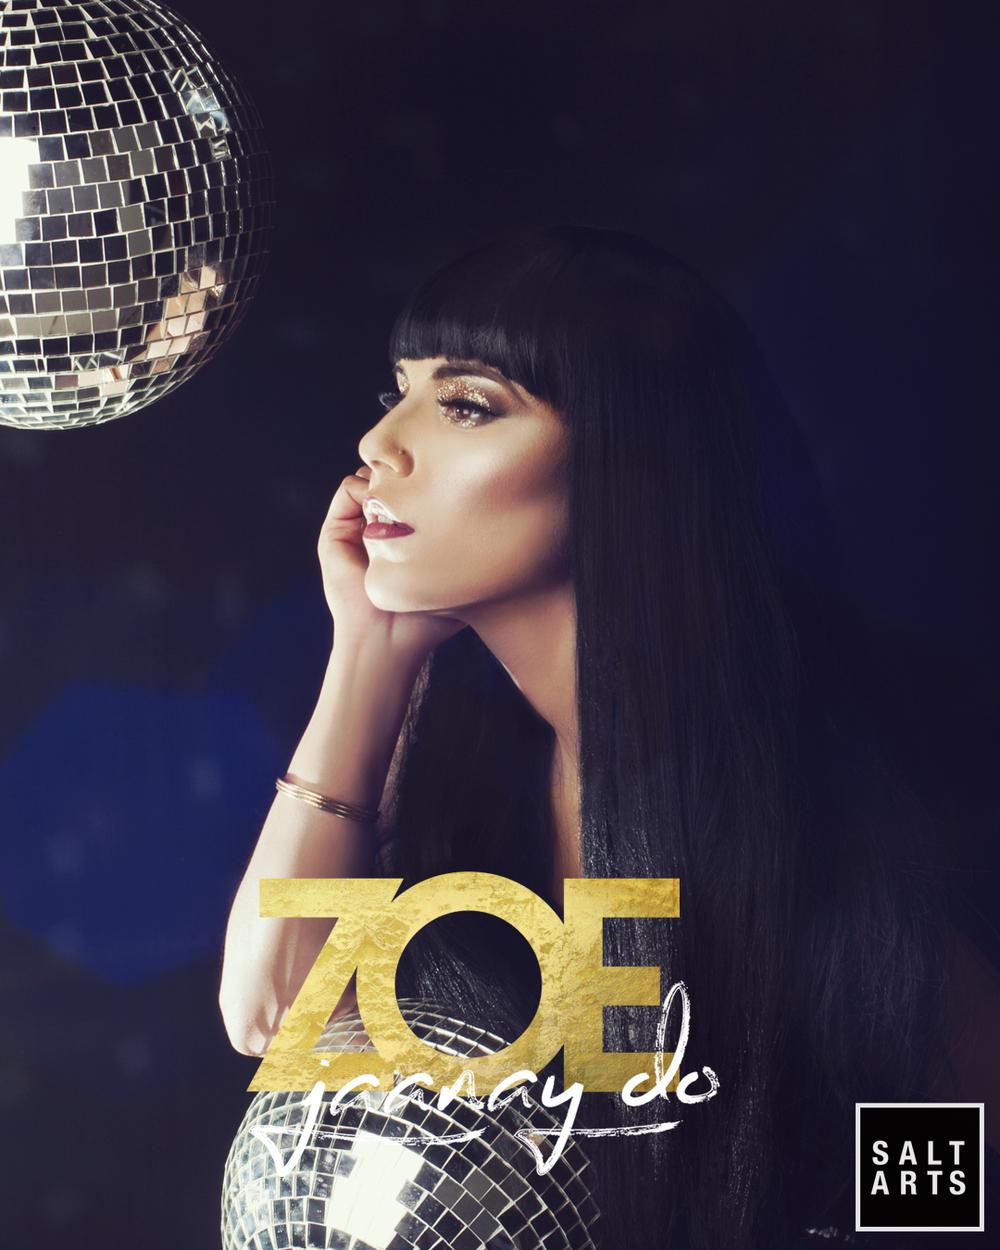 03 Zoe Viccaji Jaanay Do Disco ball.jpg